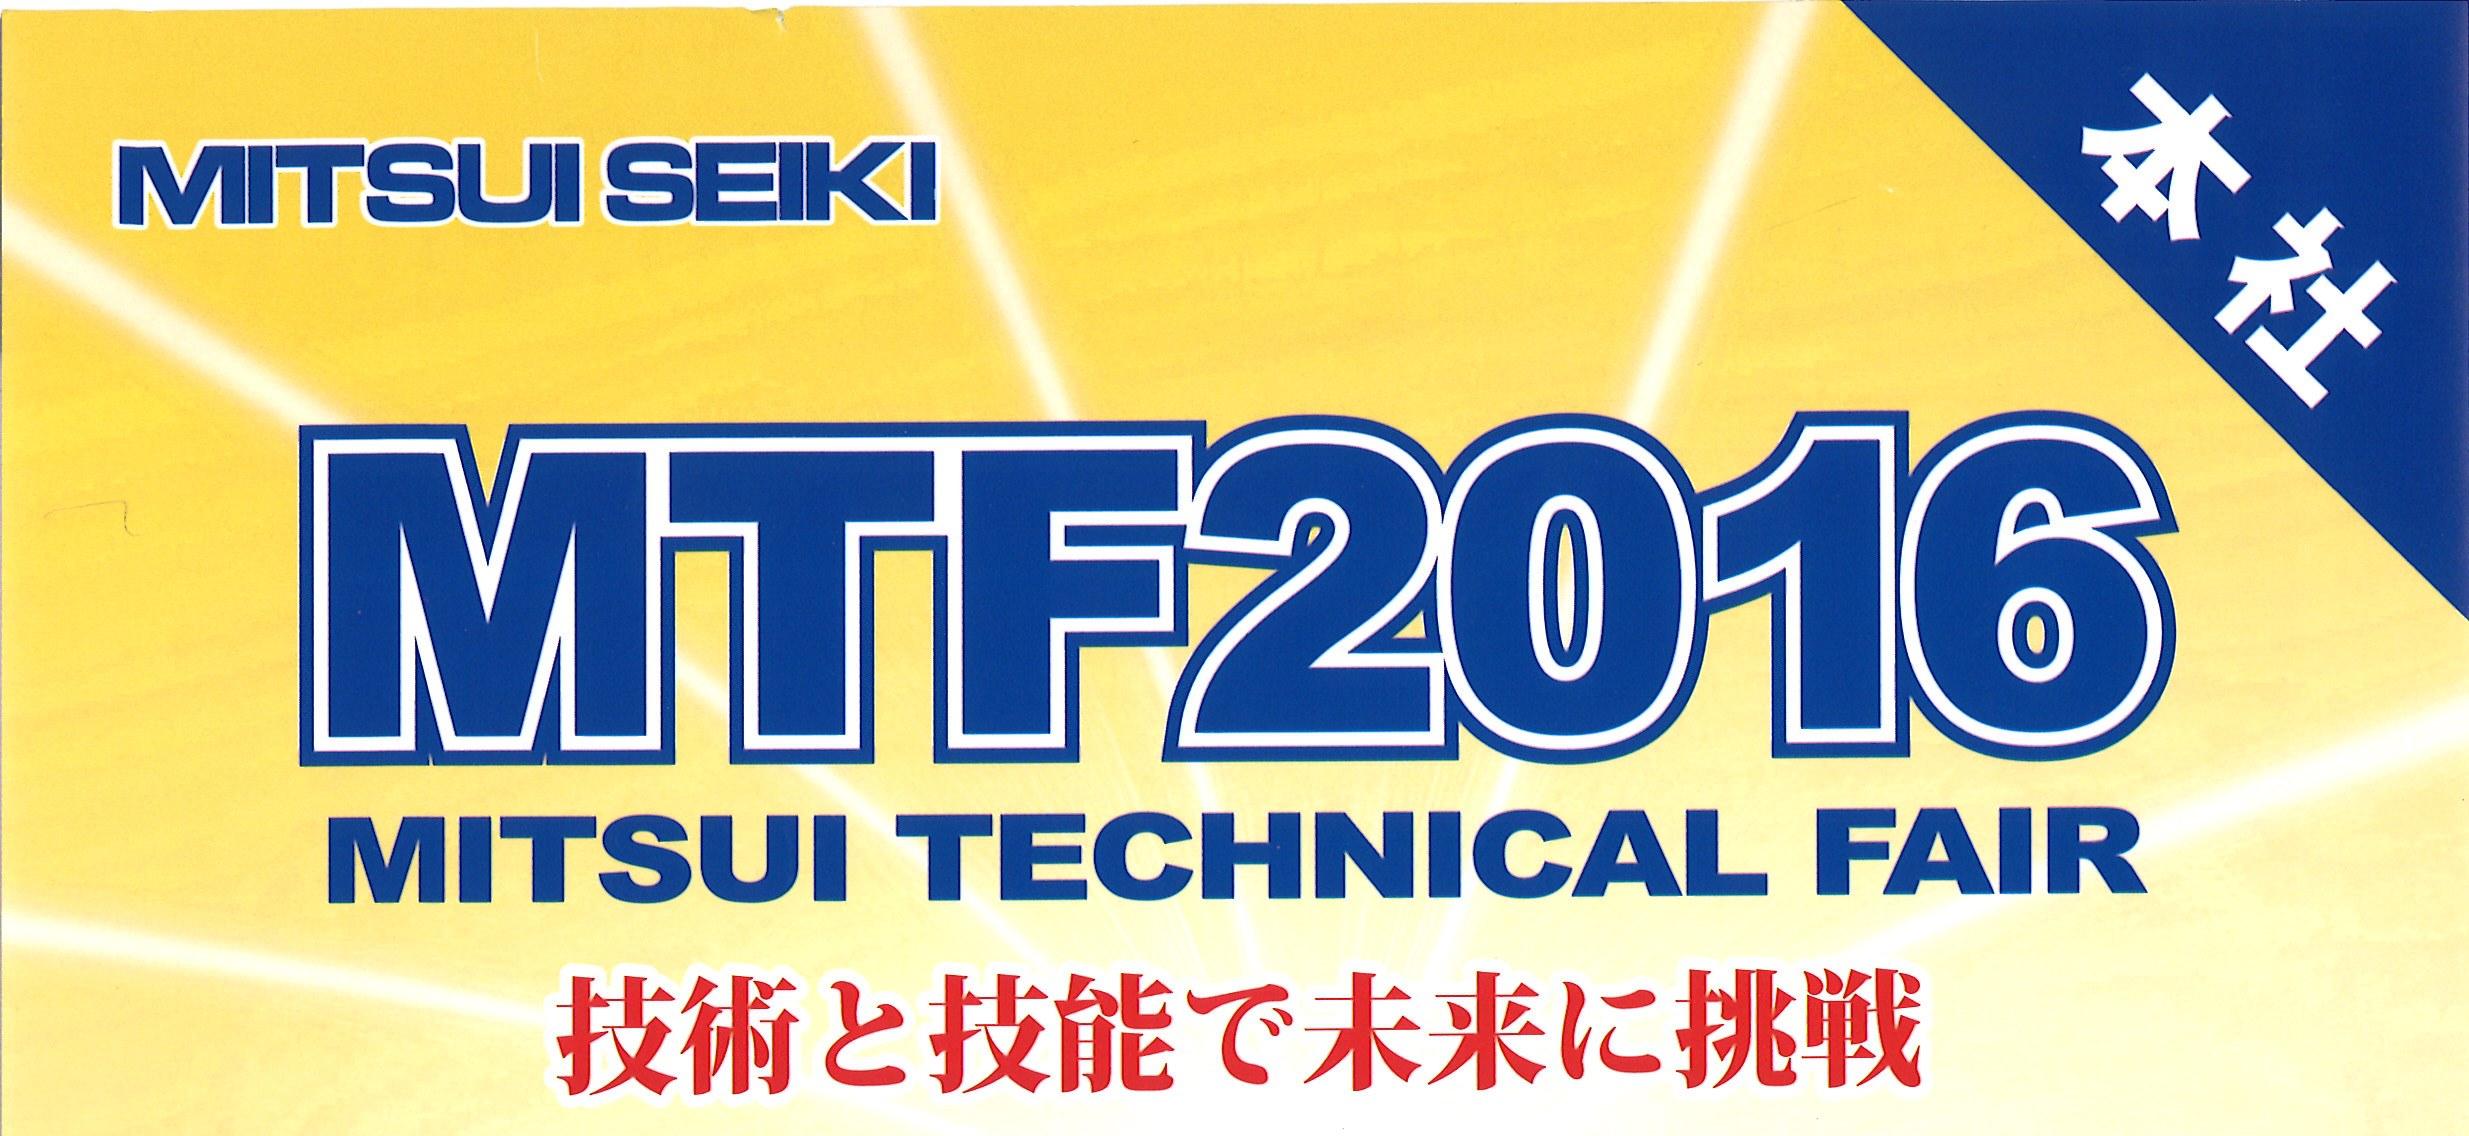 三井精機工業『MTF 2016 MITSUI TECHNICAL FAIR』展示会開催のお知らせ